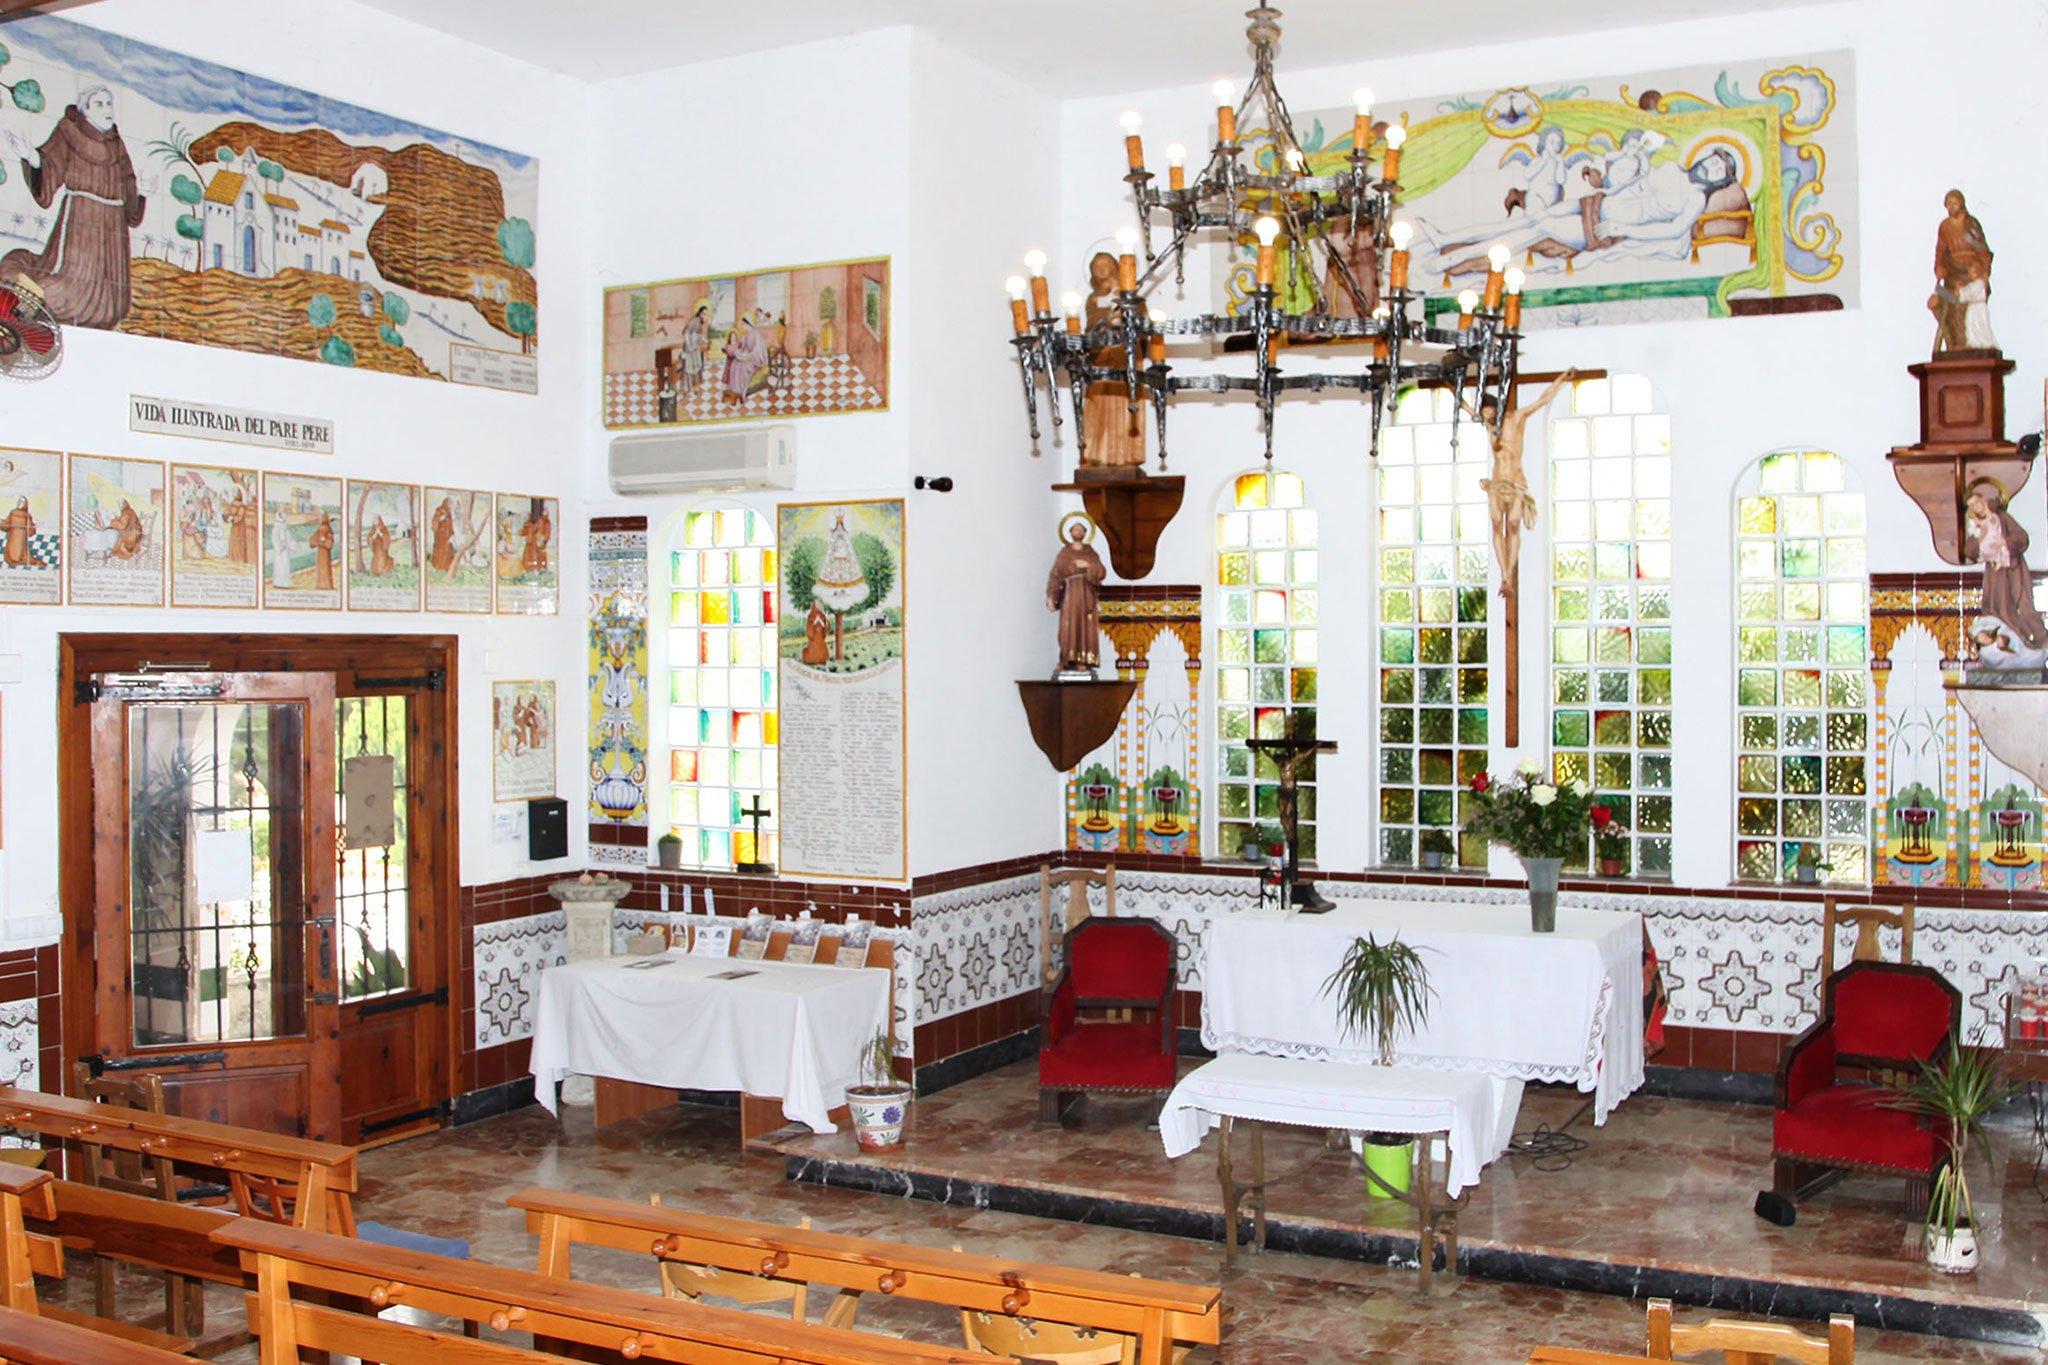 Altar en la ermita del Pare Pere | Imagen: Tino Calvo